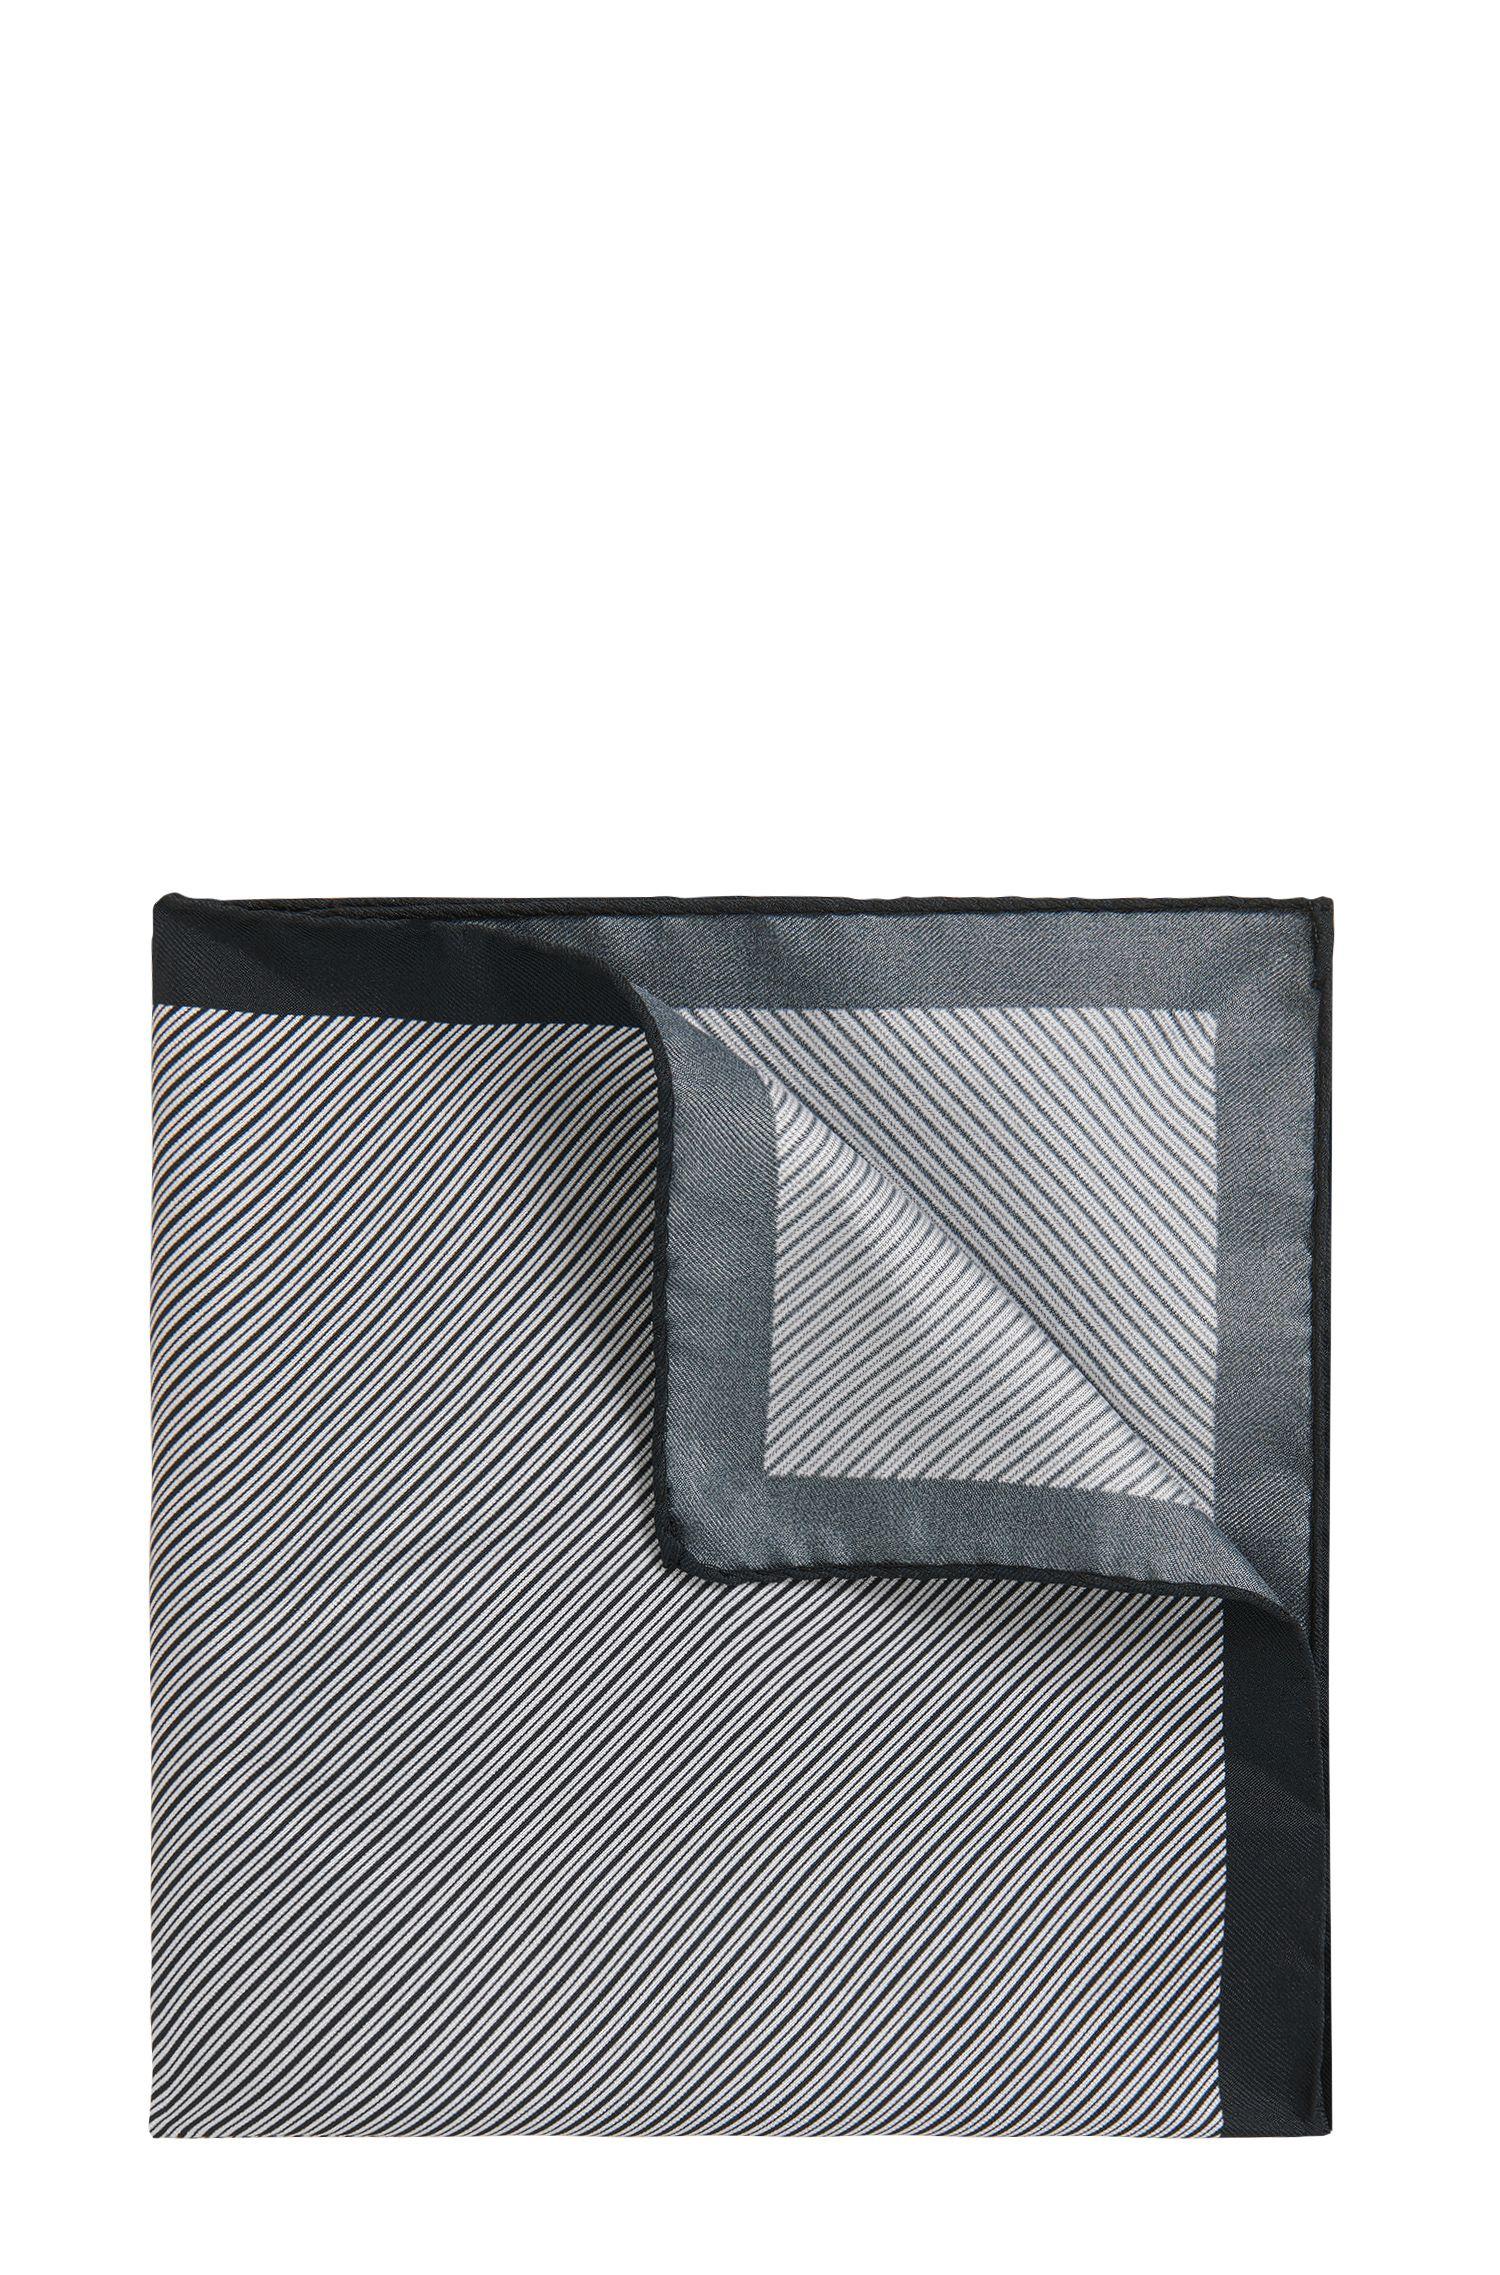 Pochette da taschino in seta con motivo a righe diagonali